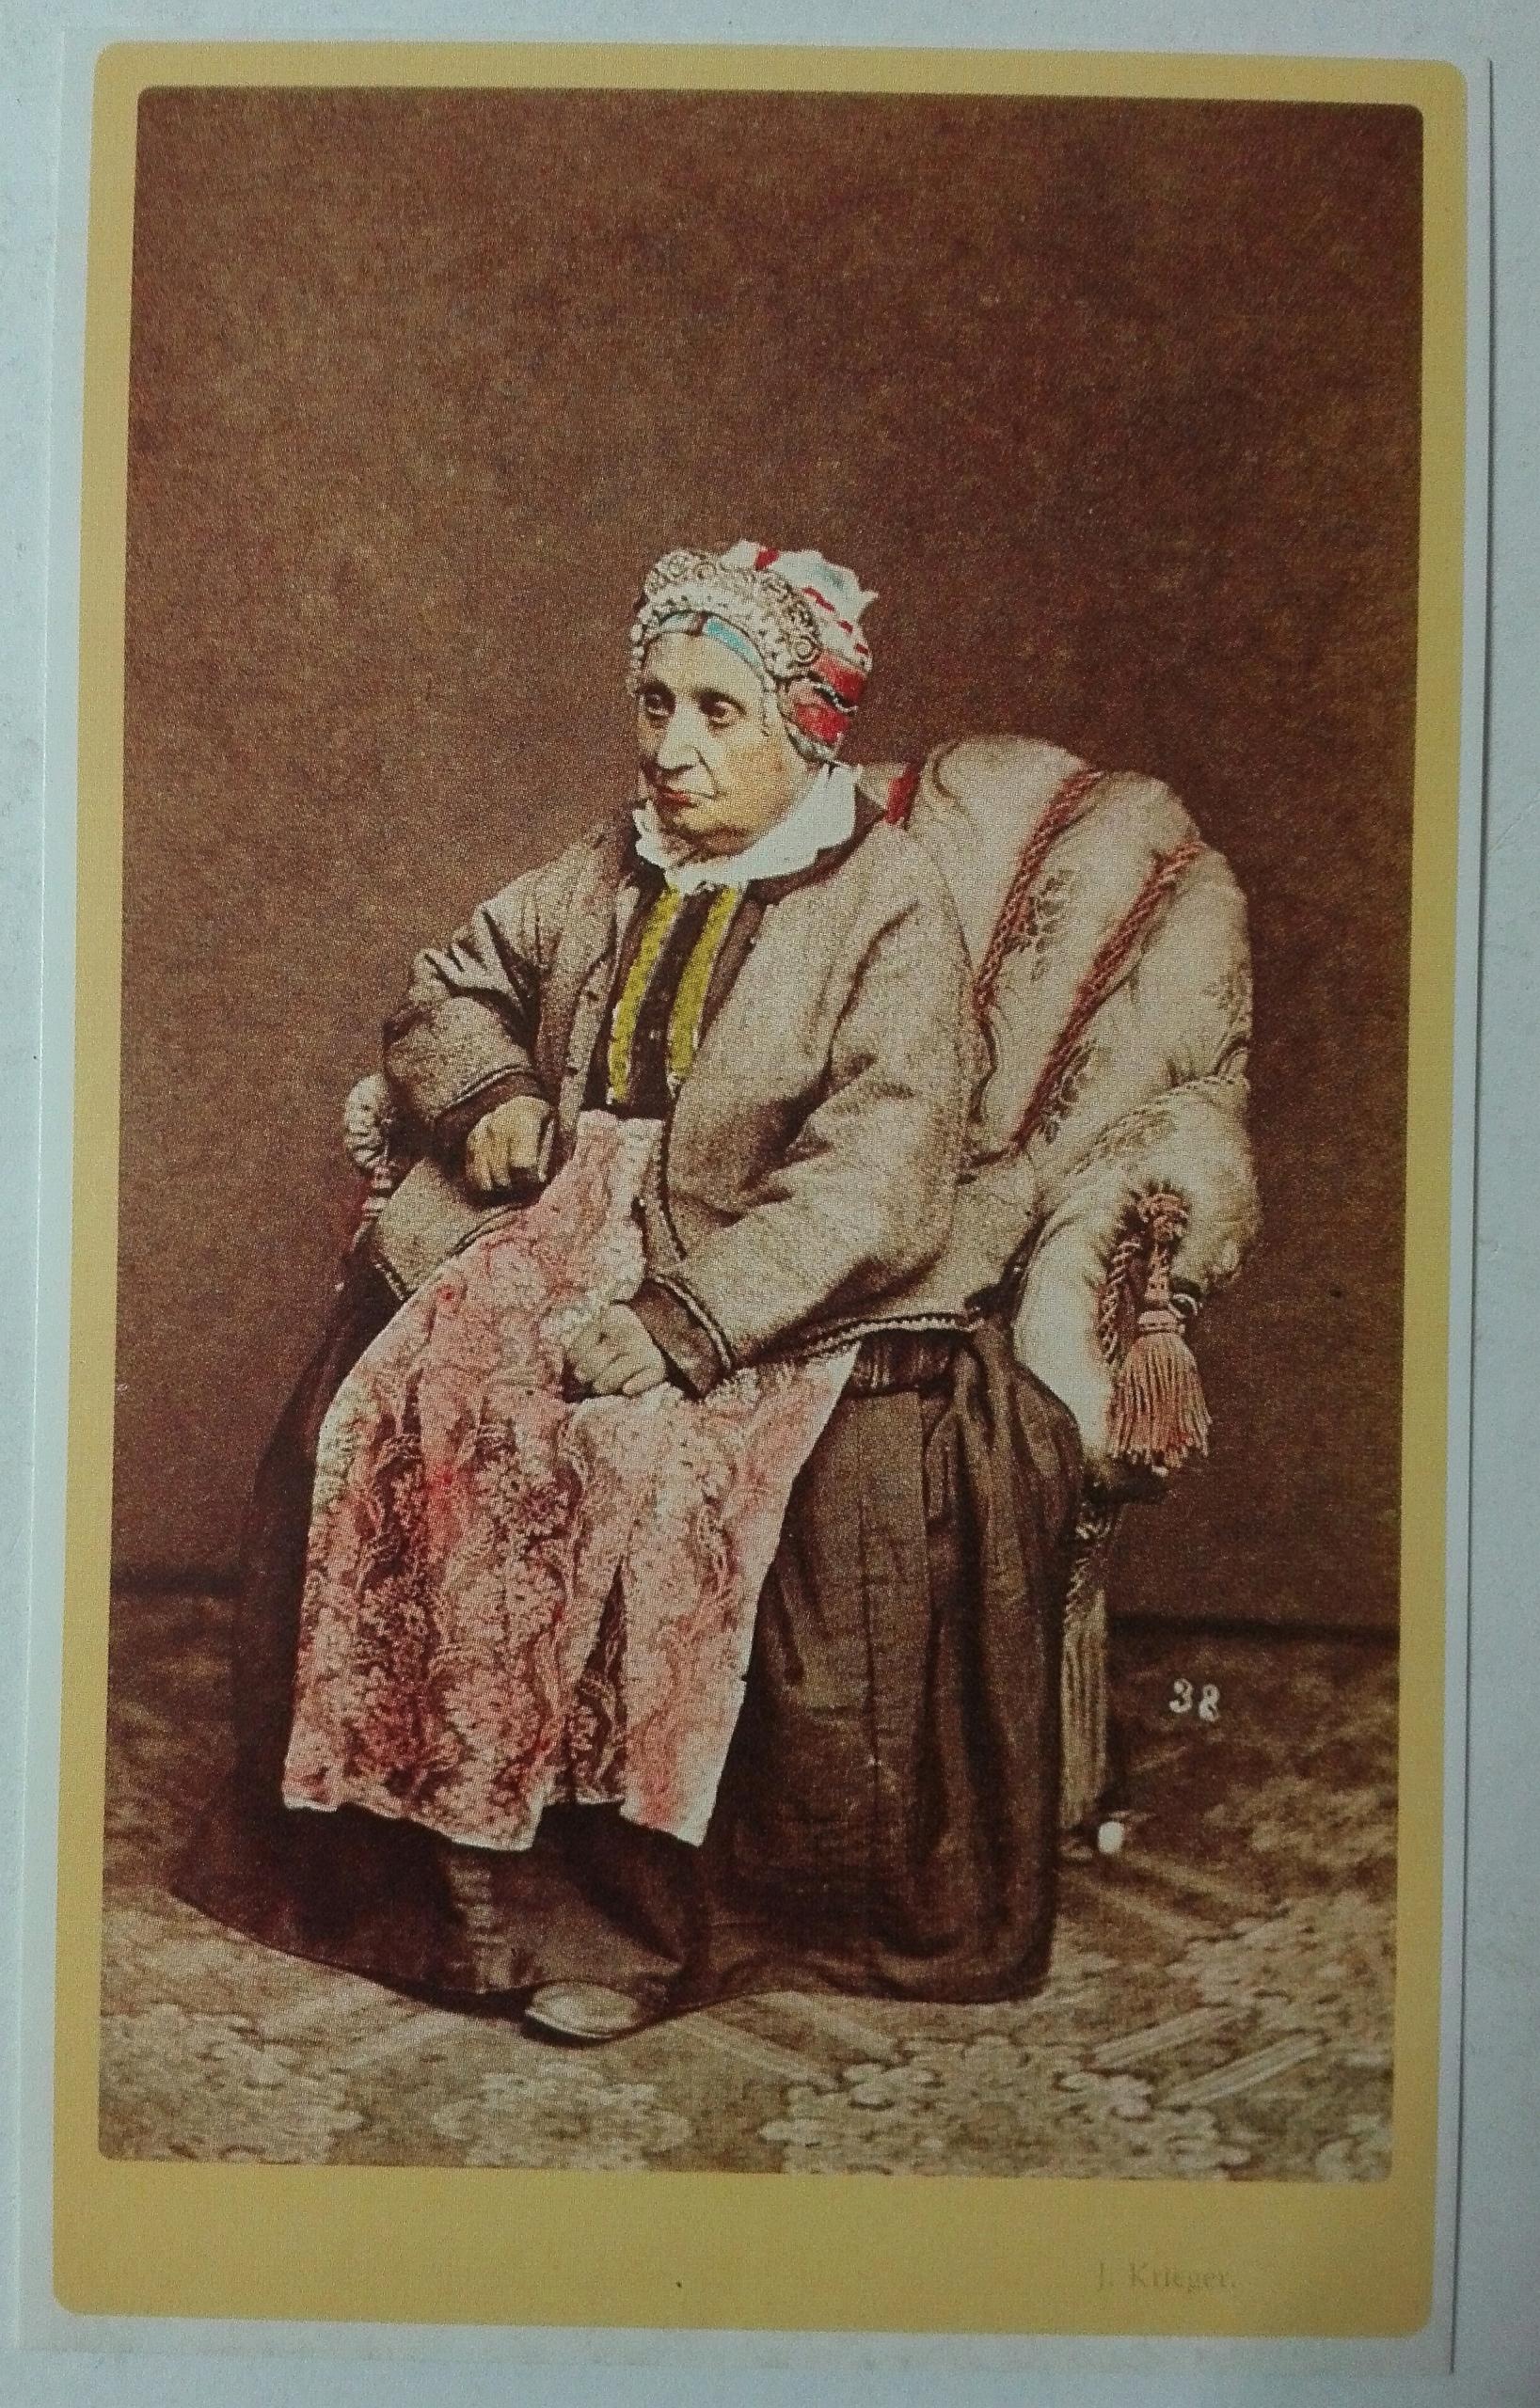 pocztówka portr. starszej Żydówki Krieger 1860 SPK